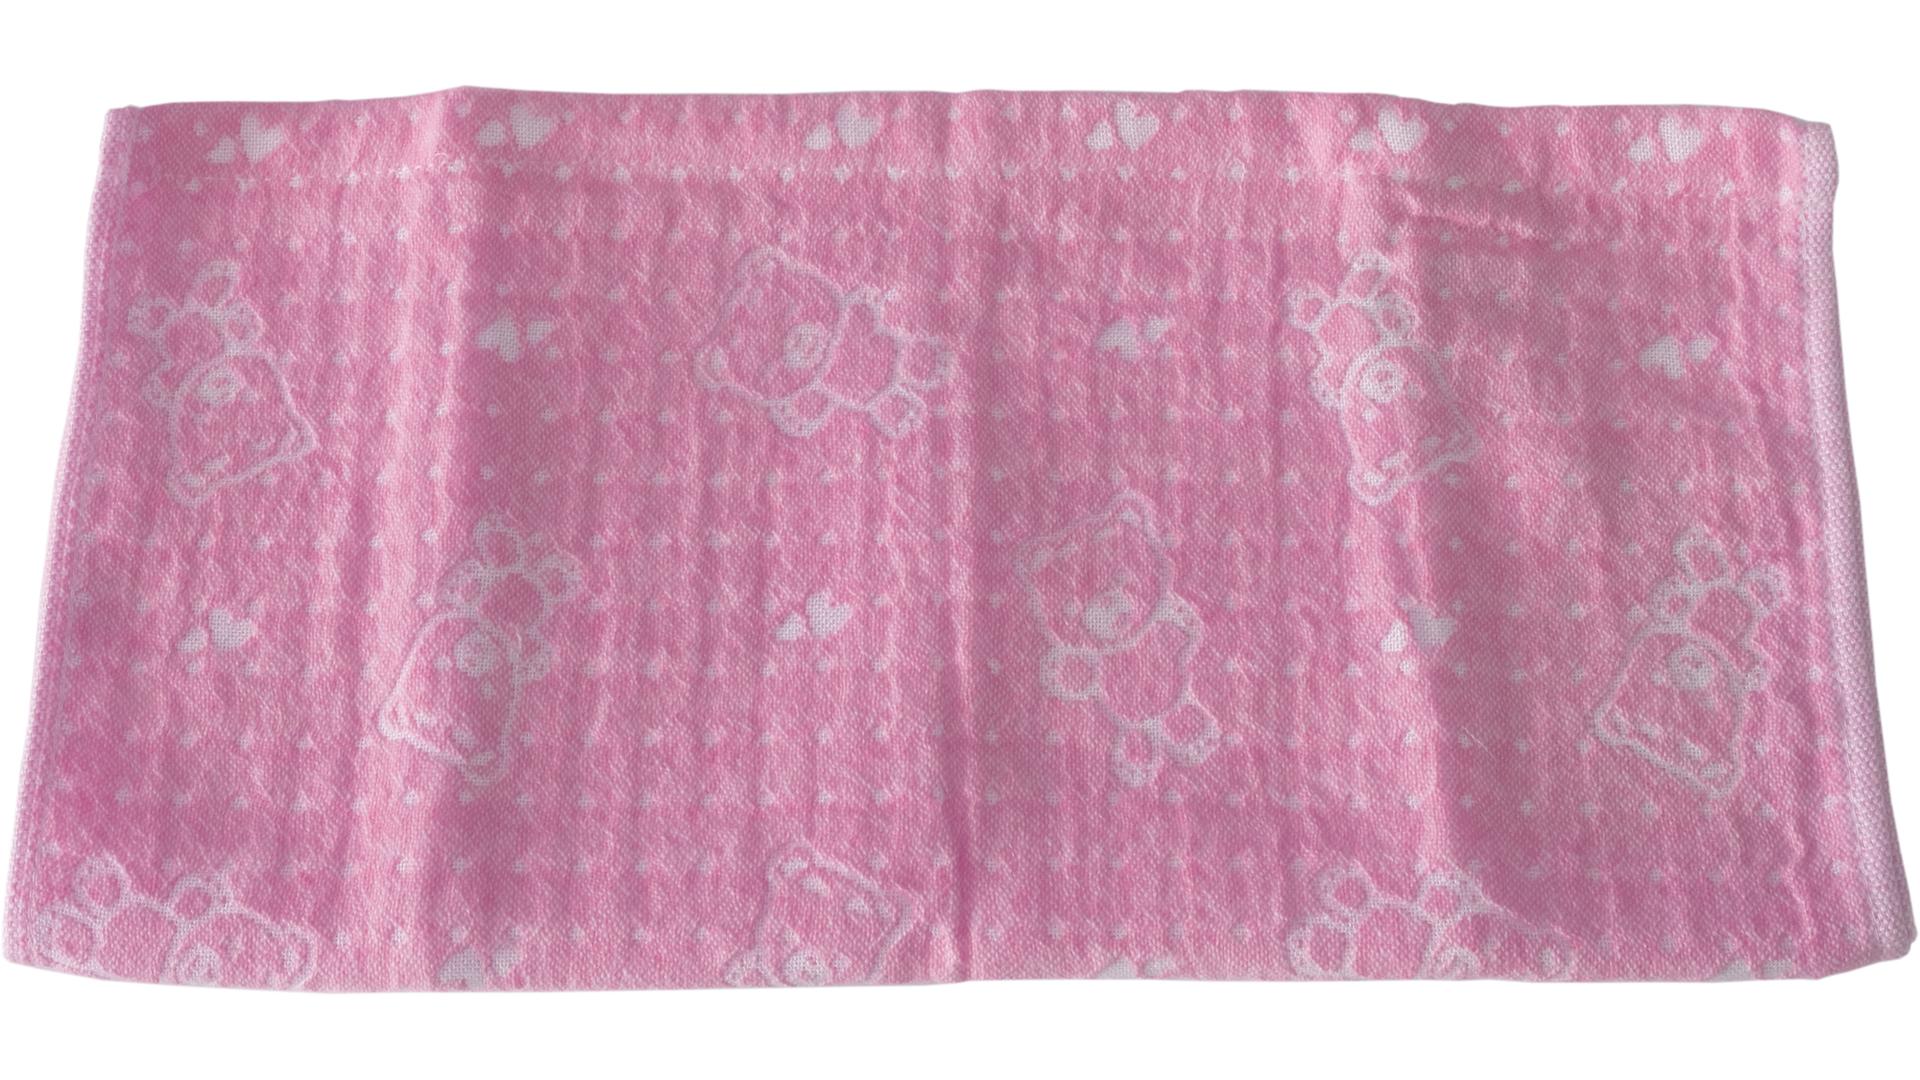 ผ้าเช็ดตัวเด็ก 34x76 ซม. สีชมพูอ่อน